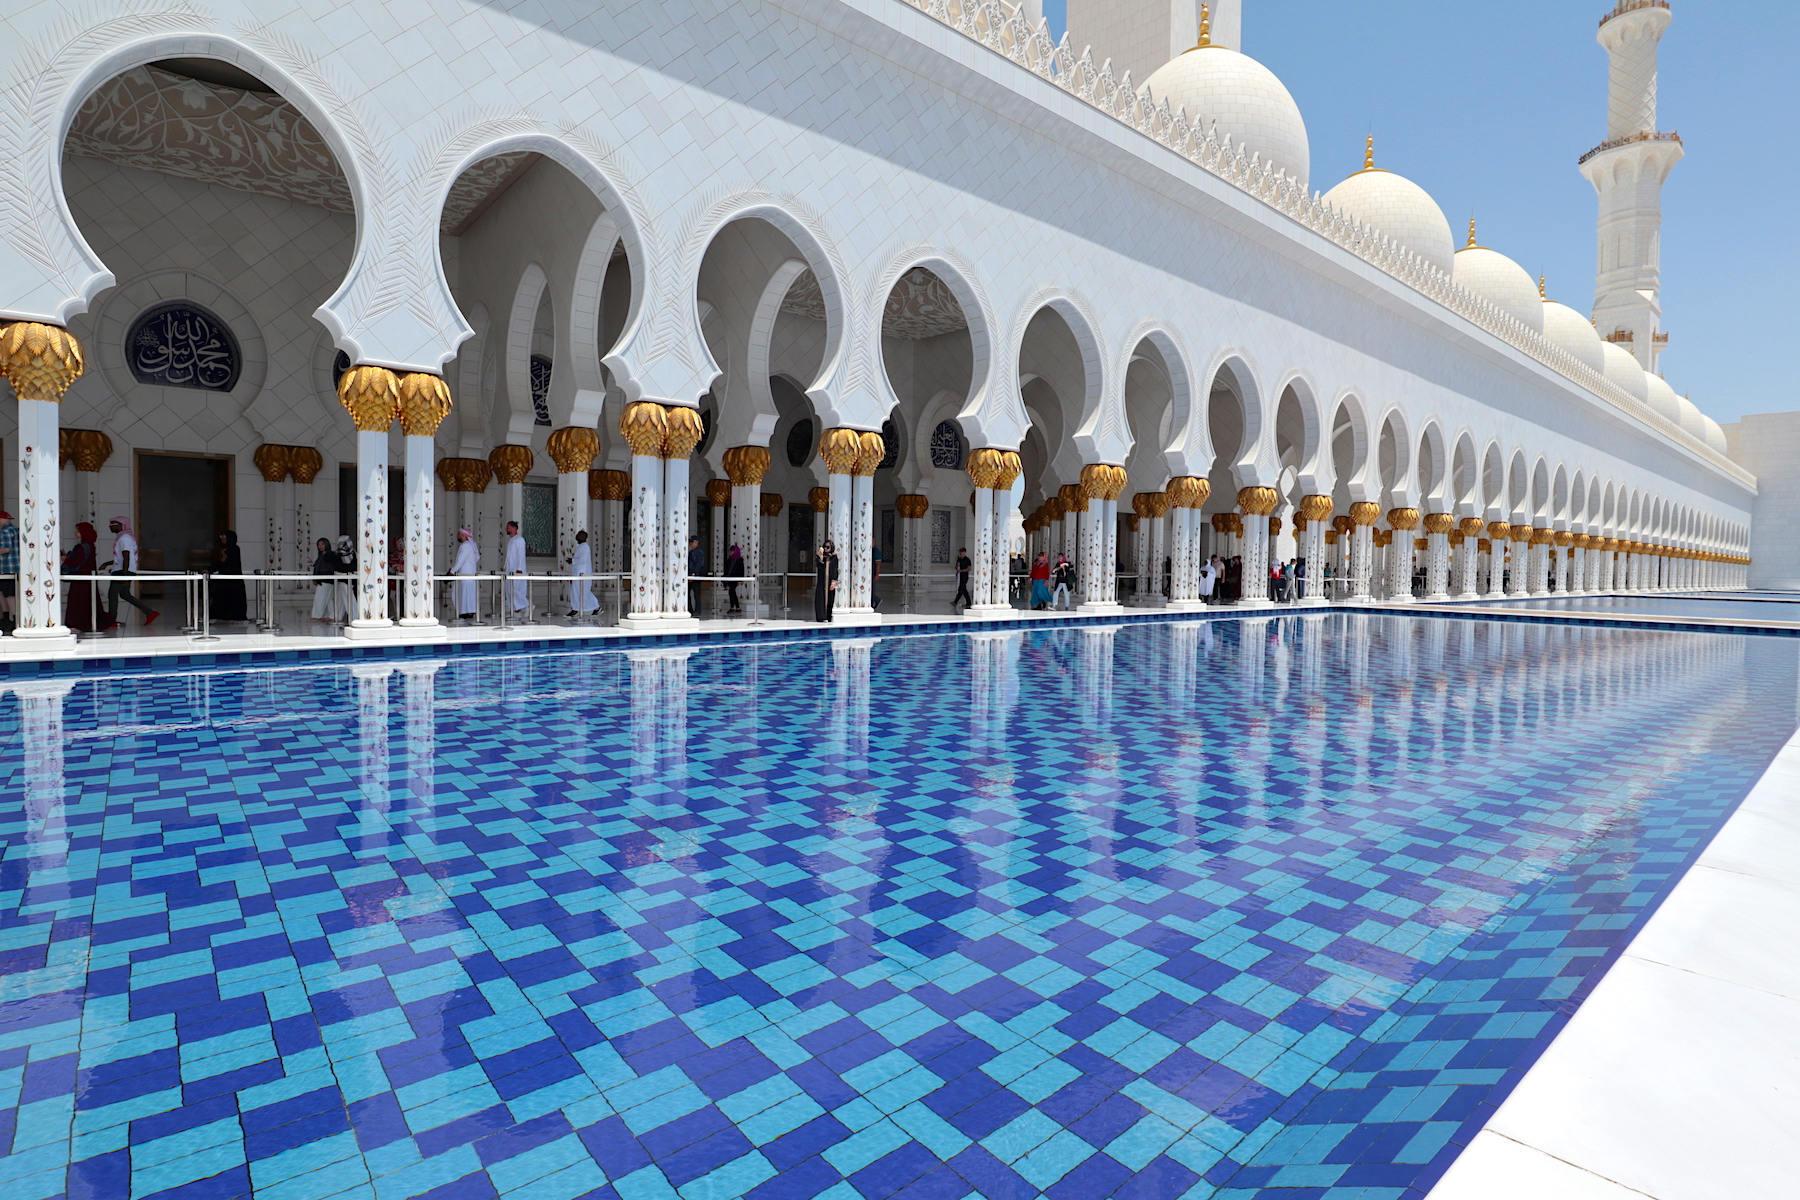 Scheich-Zayed-Moschee. Über 50 Architekten, Künstler und Designer aus mehreren Dutzend Ländern formten die größte Moschee der Vereinigten Arabischen Emirate